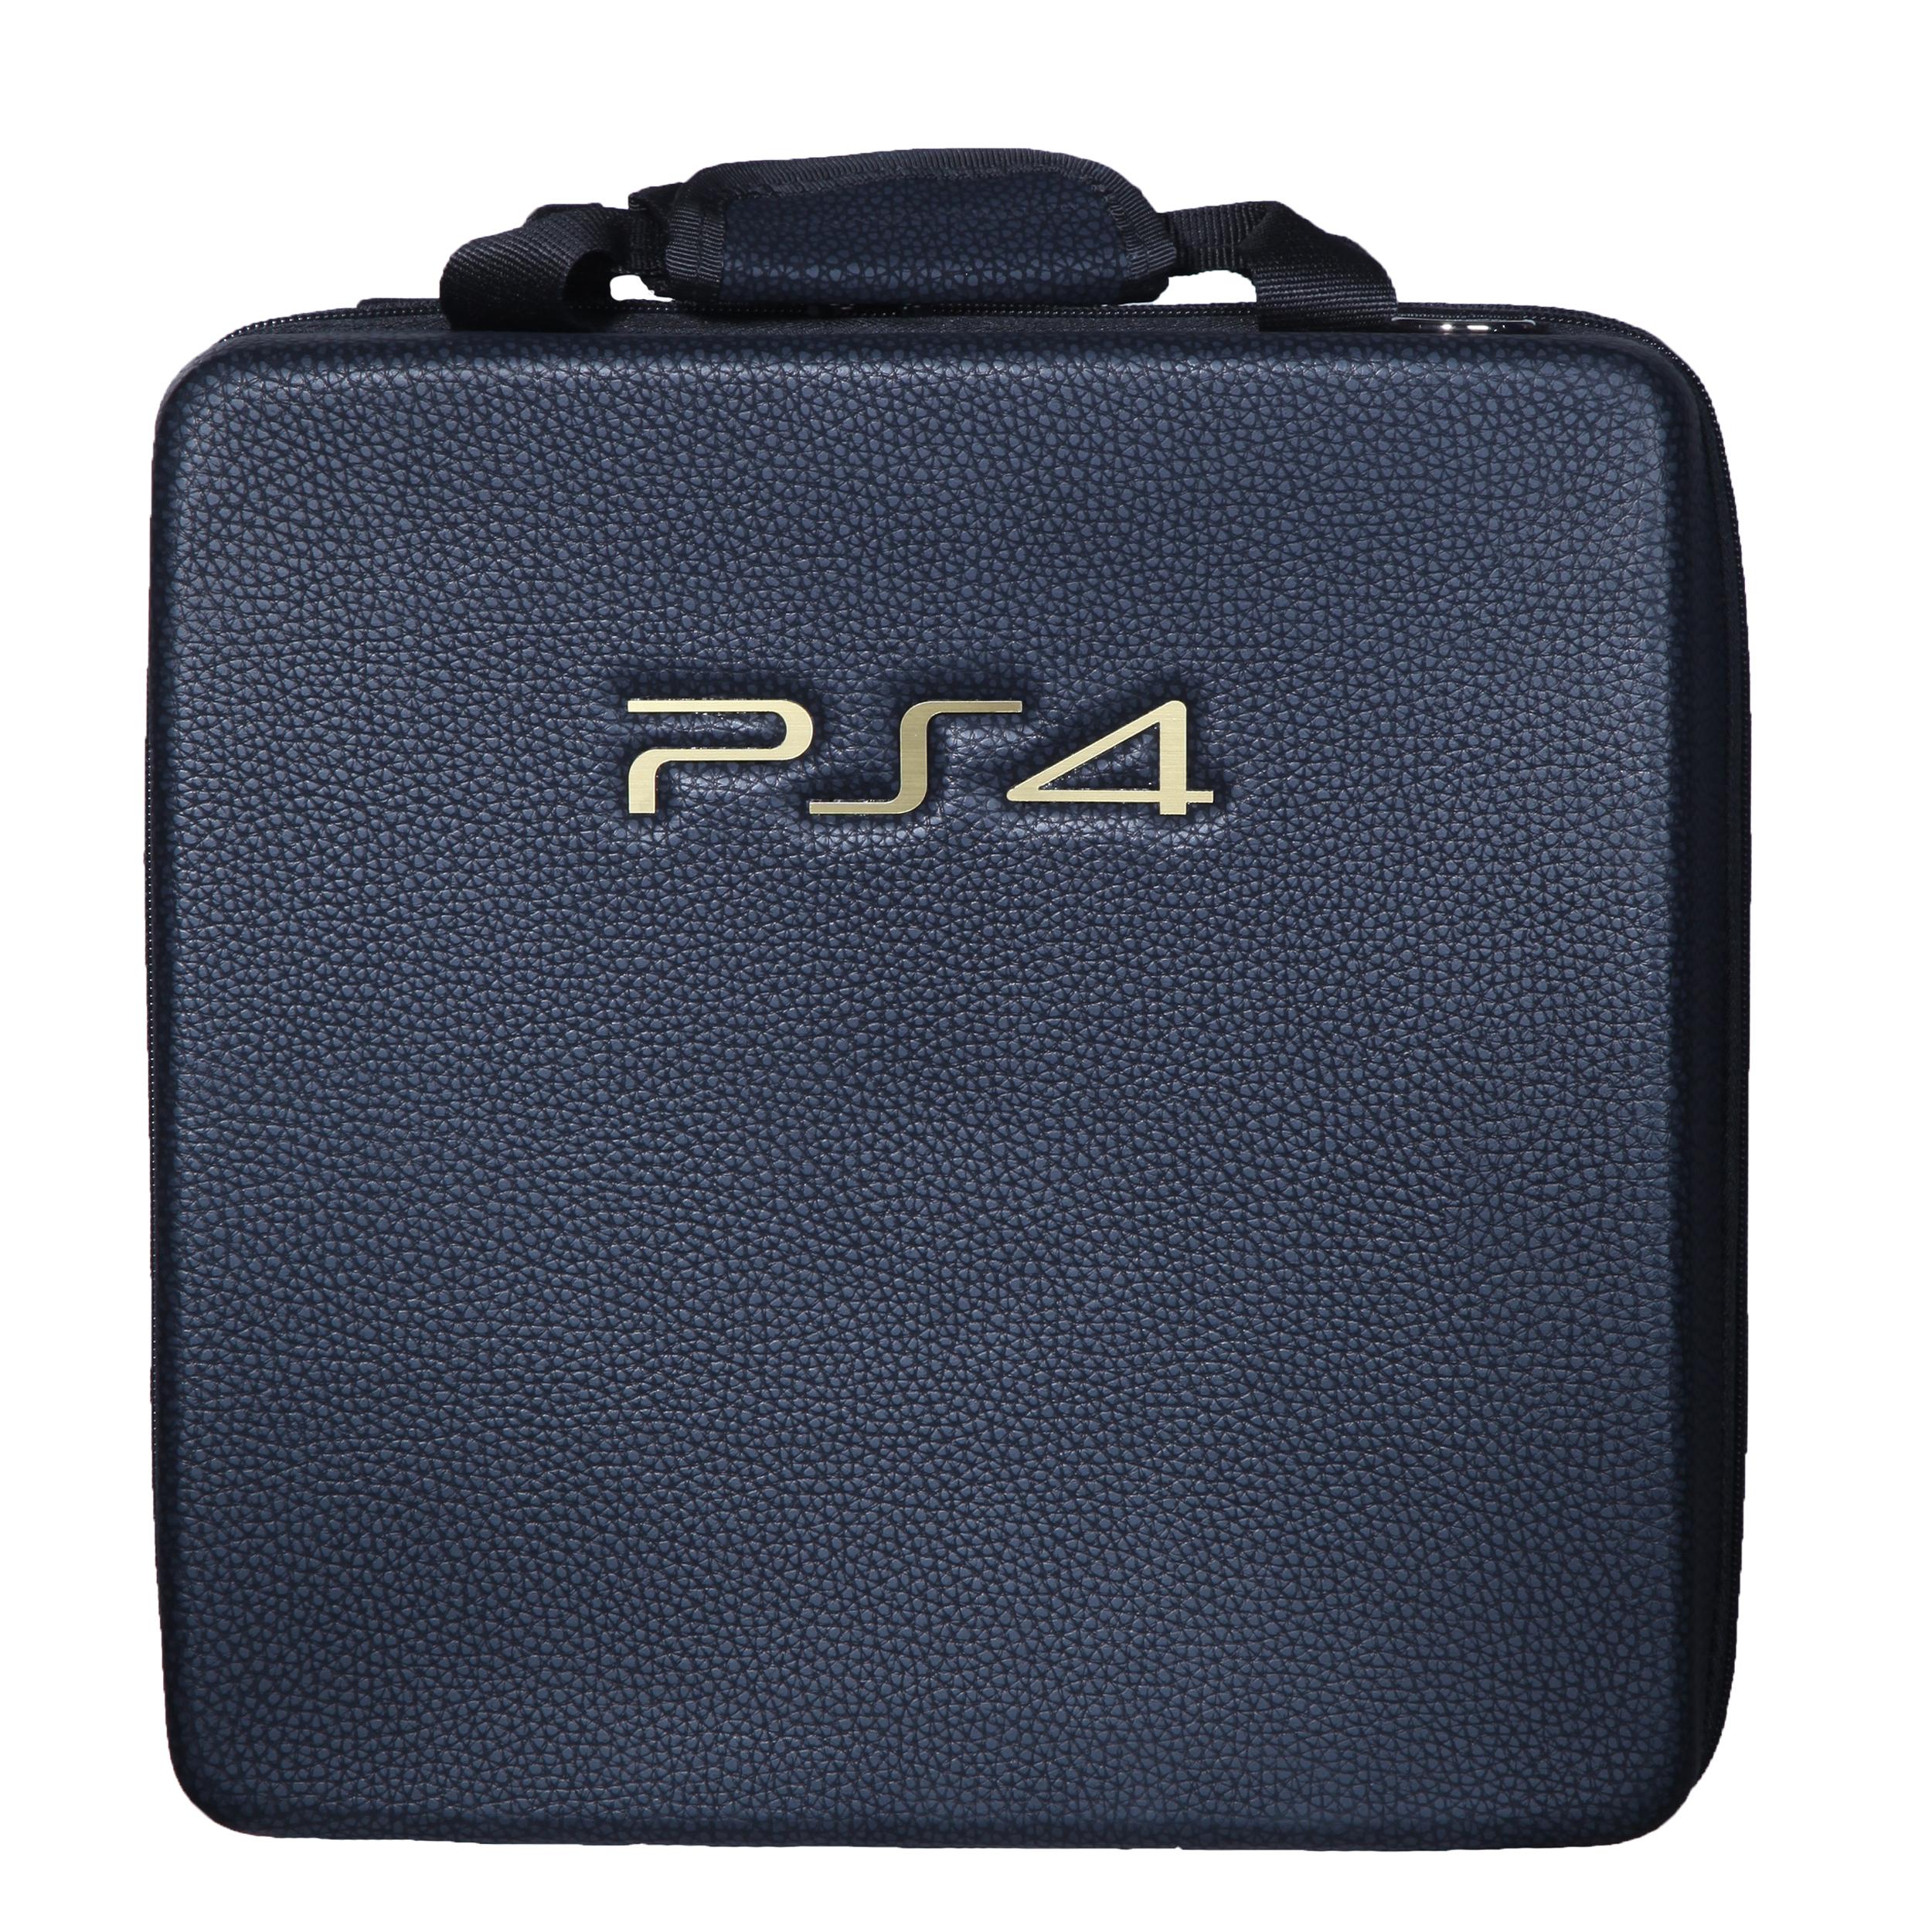 کیف حمل پلی استیشن اسلیم 4 مدل 012